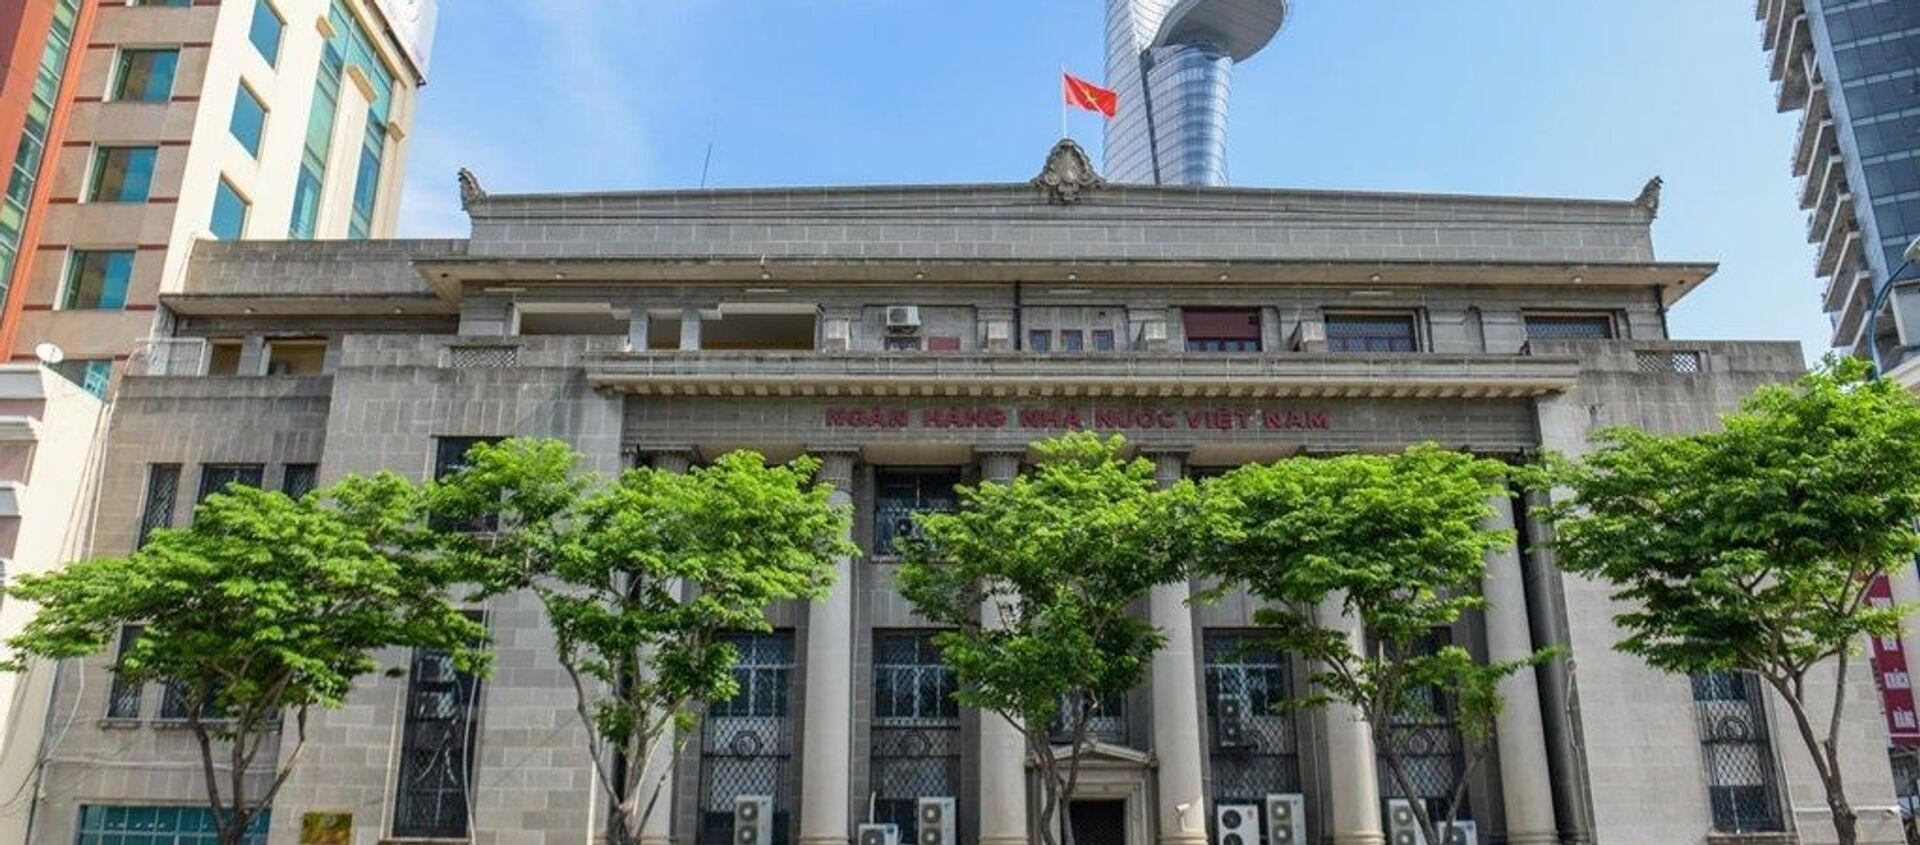 Việc bị hạ triển vọng tín nhiệm có thể ảnh hưởng đến việc huy động vốn từ nước ngoài của các ngân hàng. Ảnh minh họa: Quỳnh Trang. - Sputnik Việt Nam, 1920, 20.12.2019